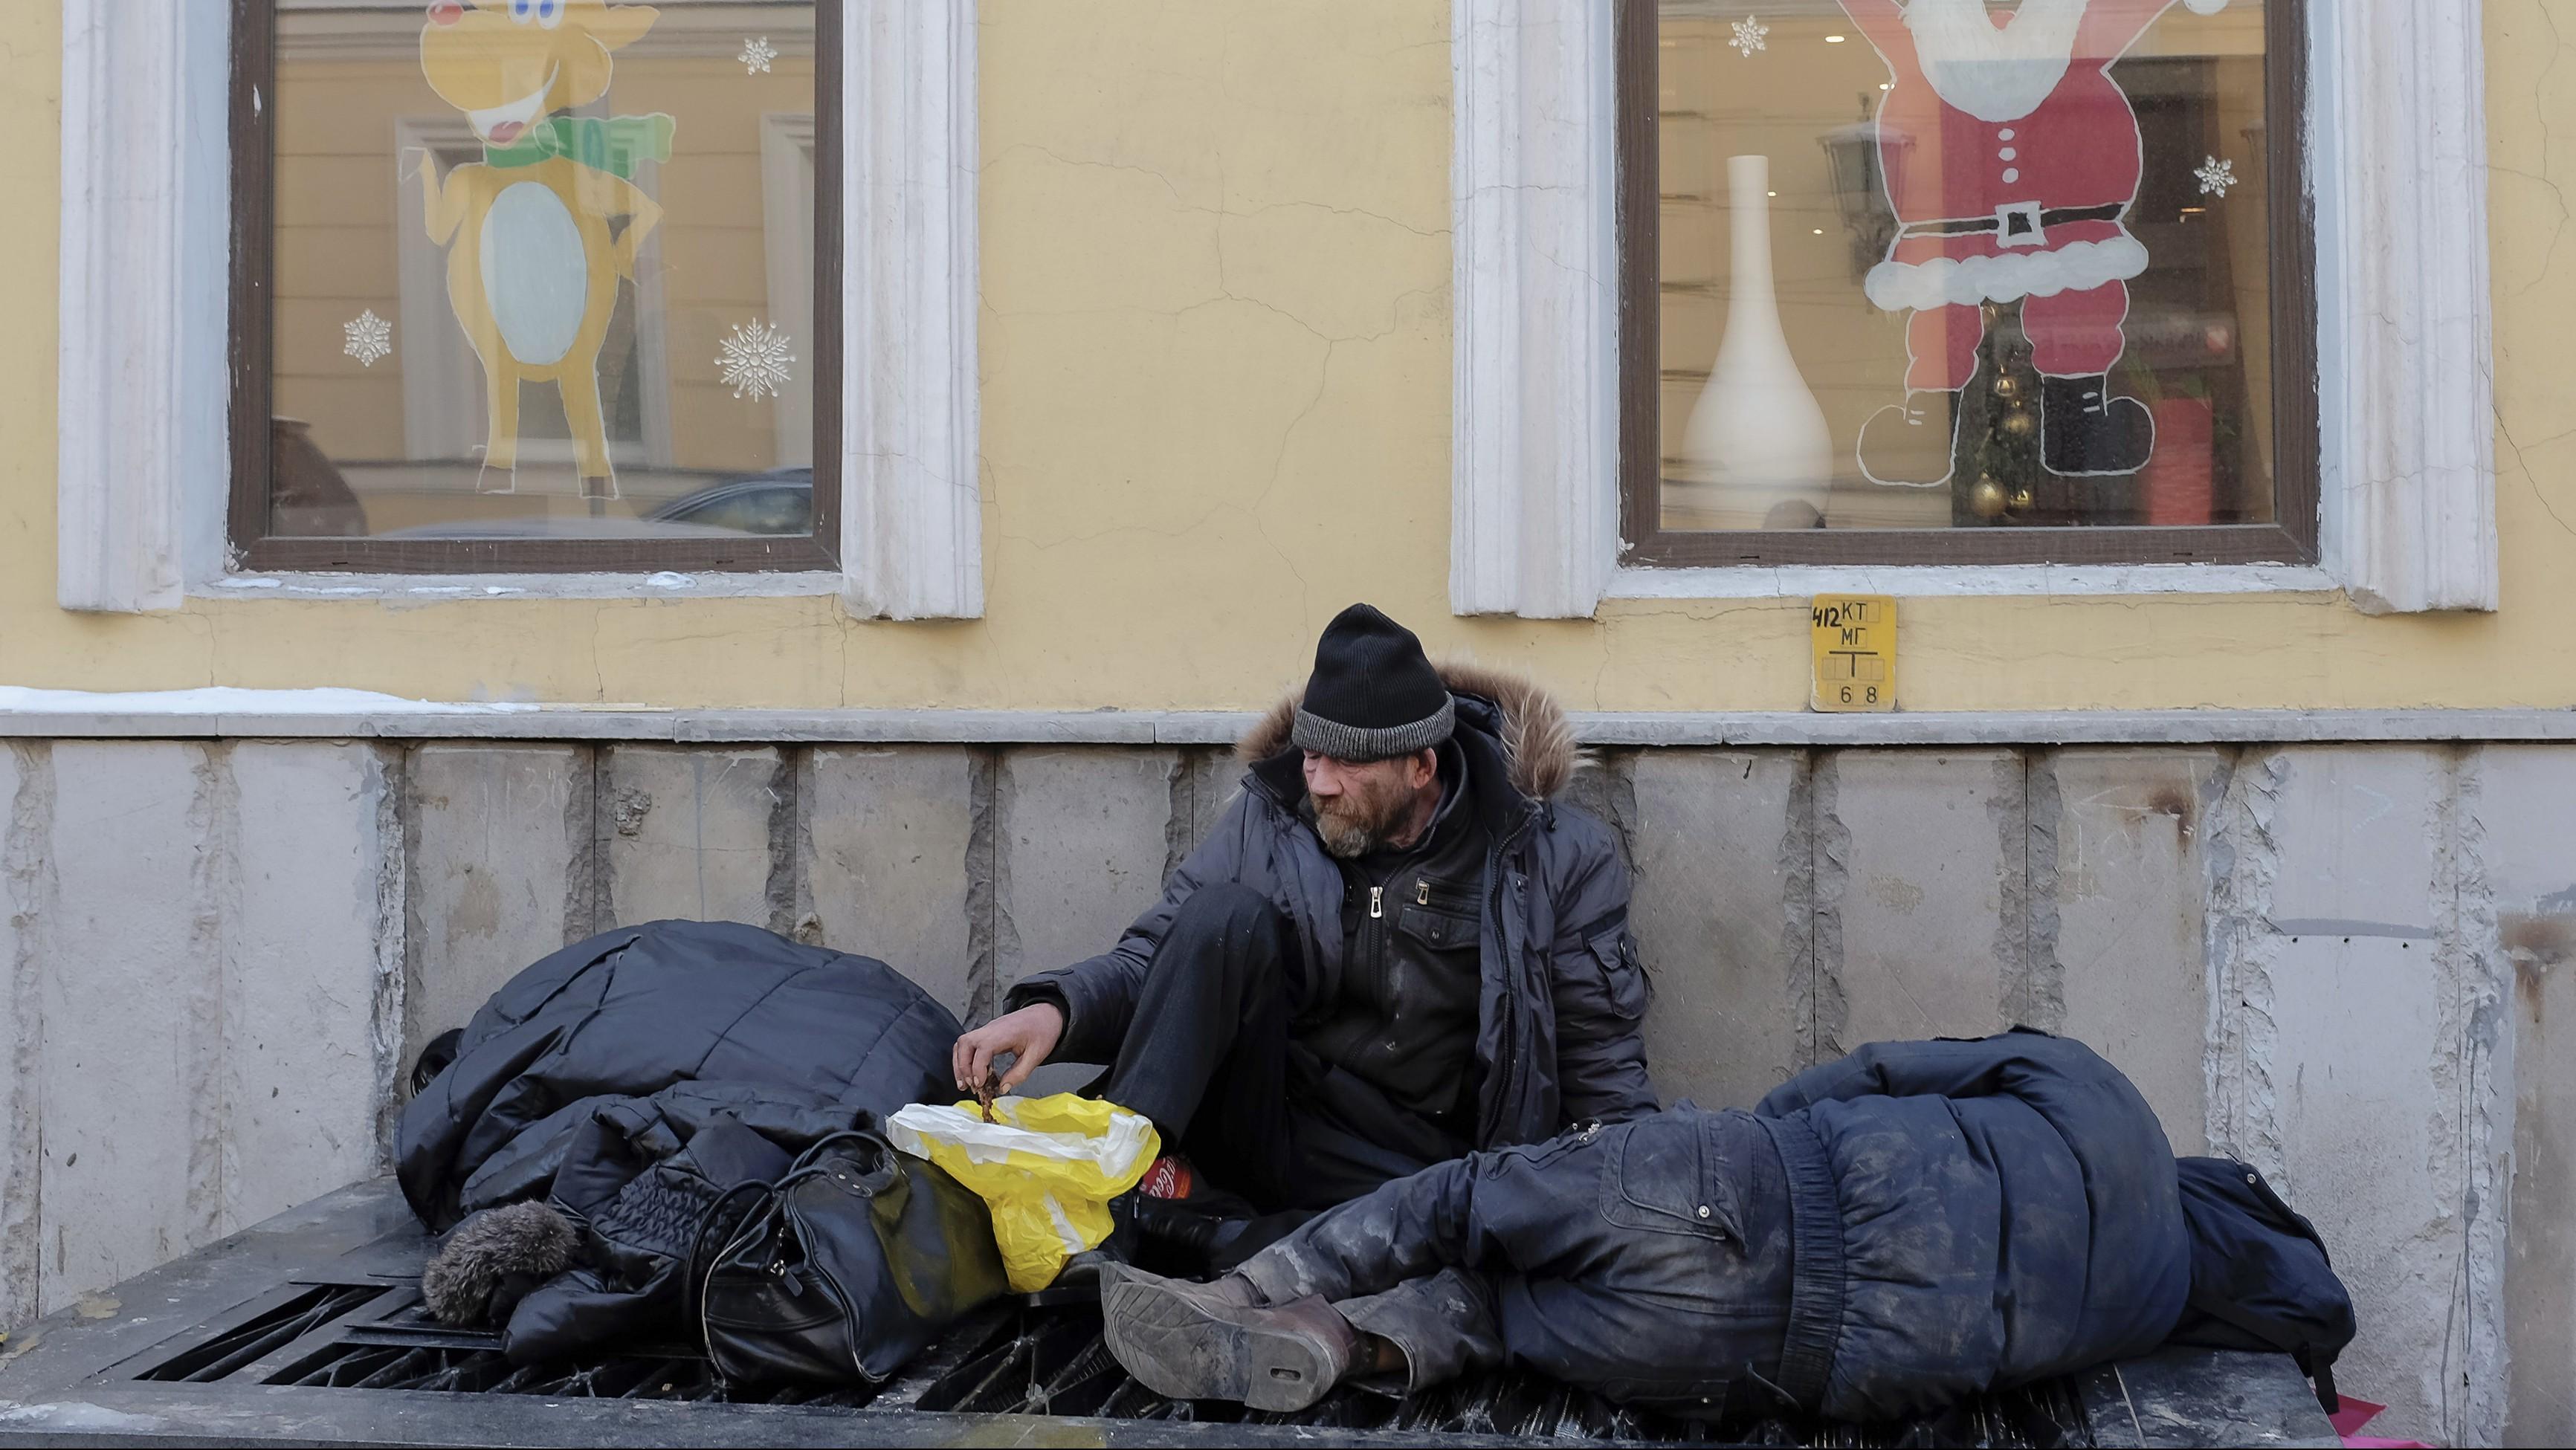 Moscow homeless get temporary reprieve.